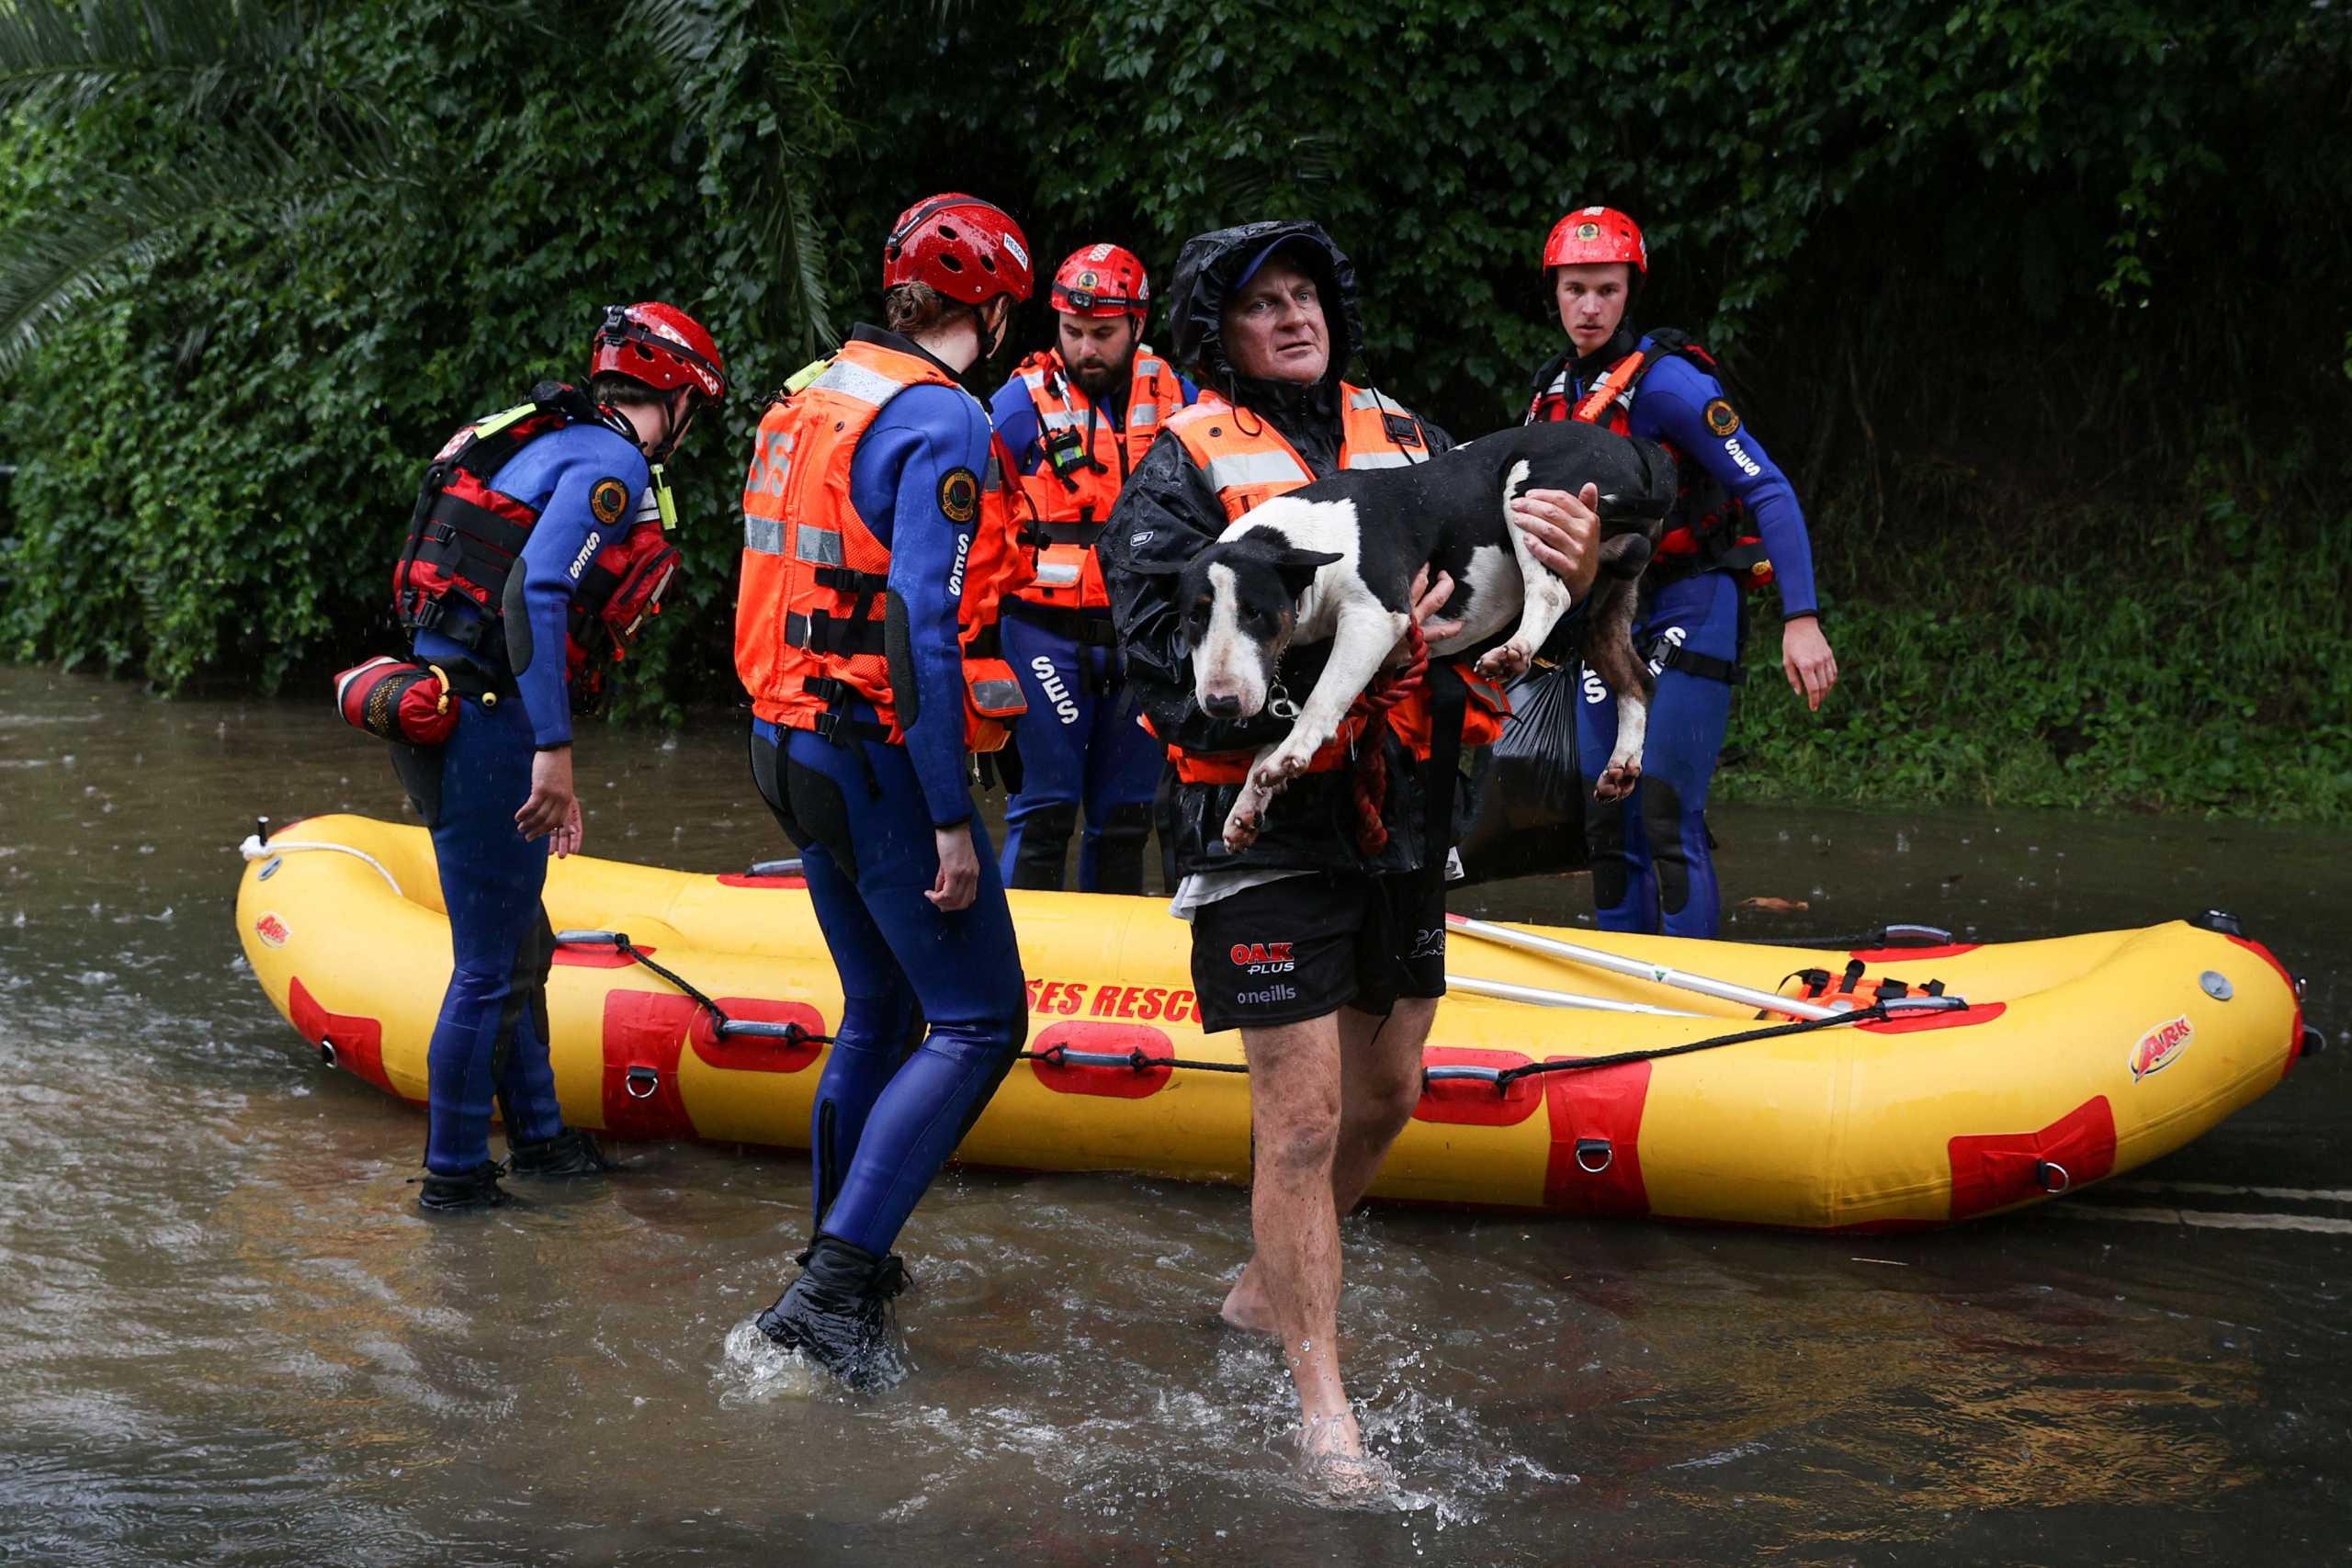 Σίδνεϊ: Σπαρακτικό γαύγισμα από εγκλωβισμένα σκυλιά για να σωθούν από τις πλημμύρες (pics)